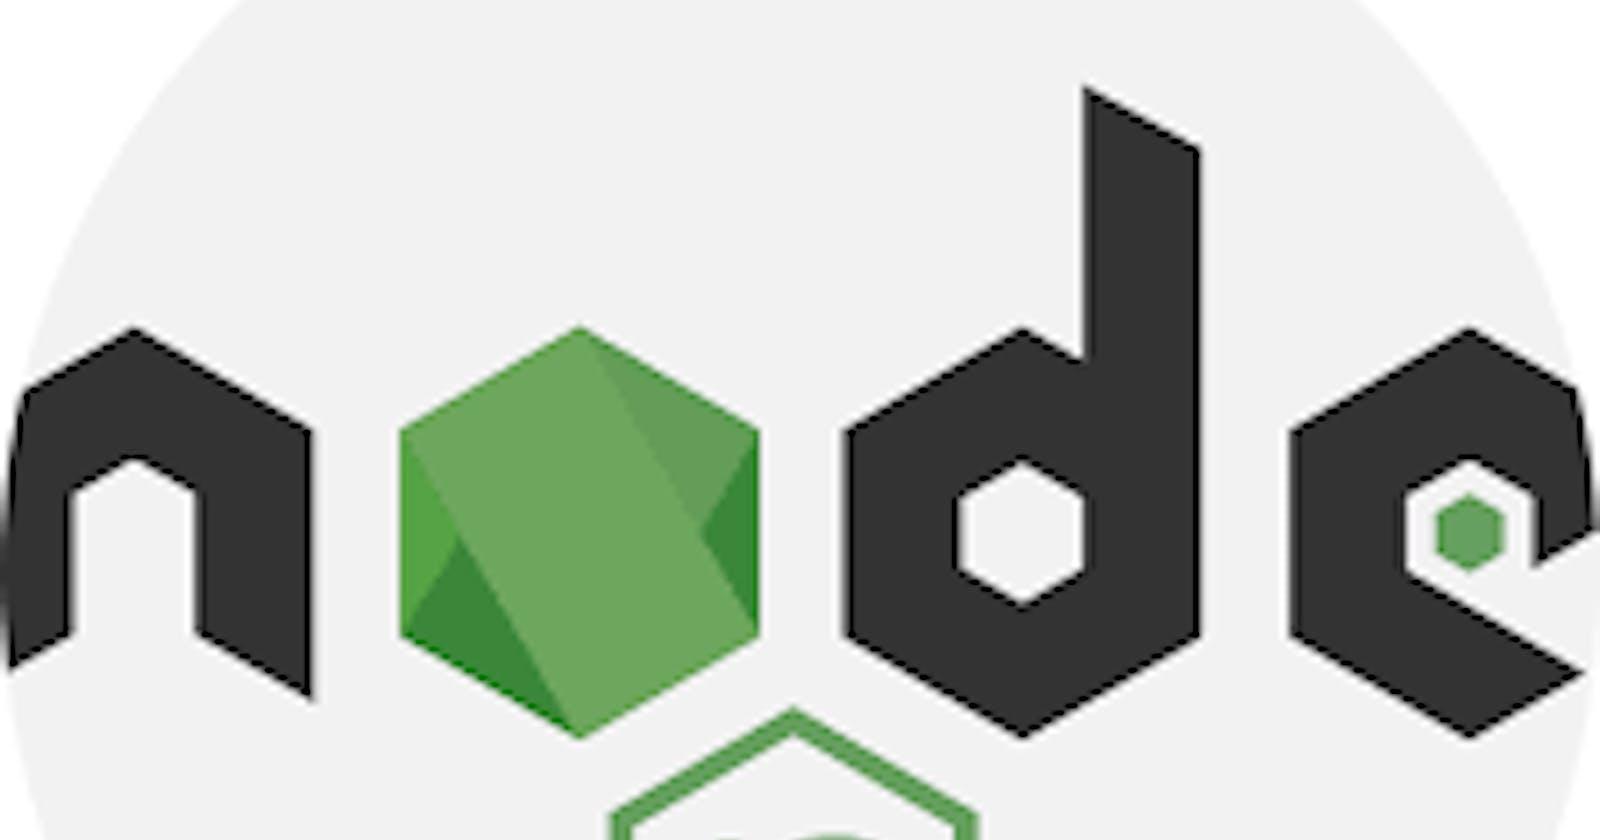 Cómo instalar Node.js en Windows Subsystem for Linux usando Node Version Manager (nvm)